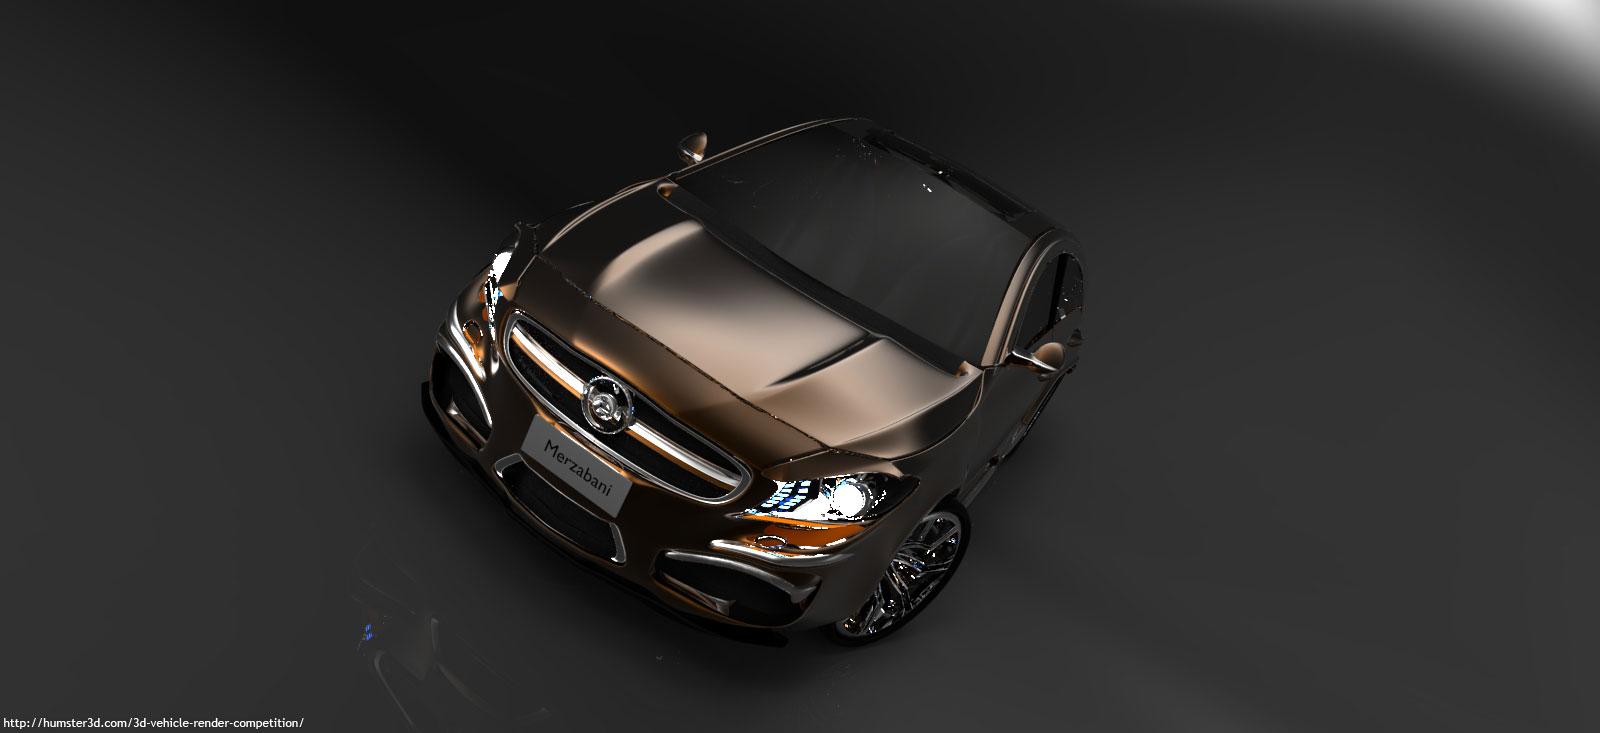 Imaginary car 3d art